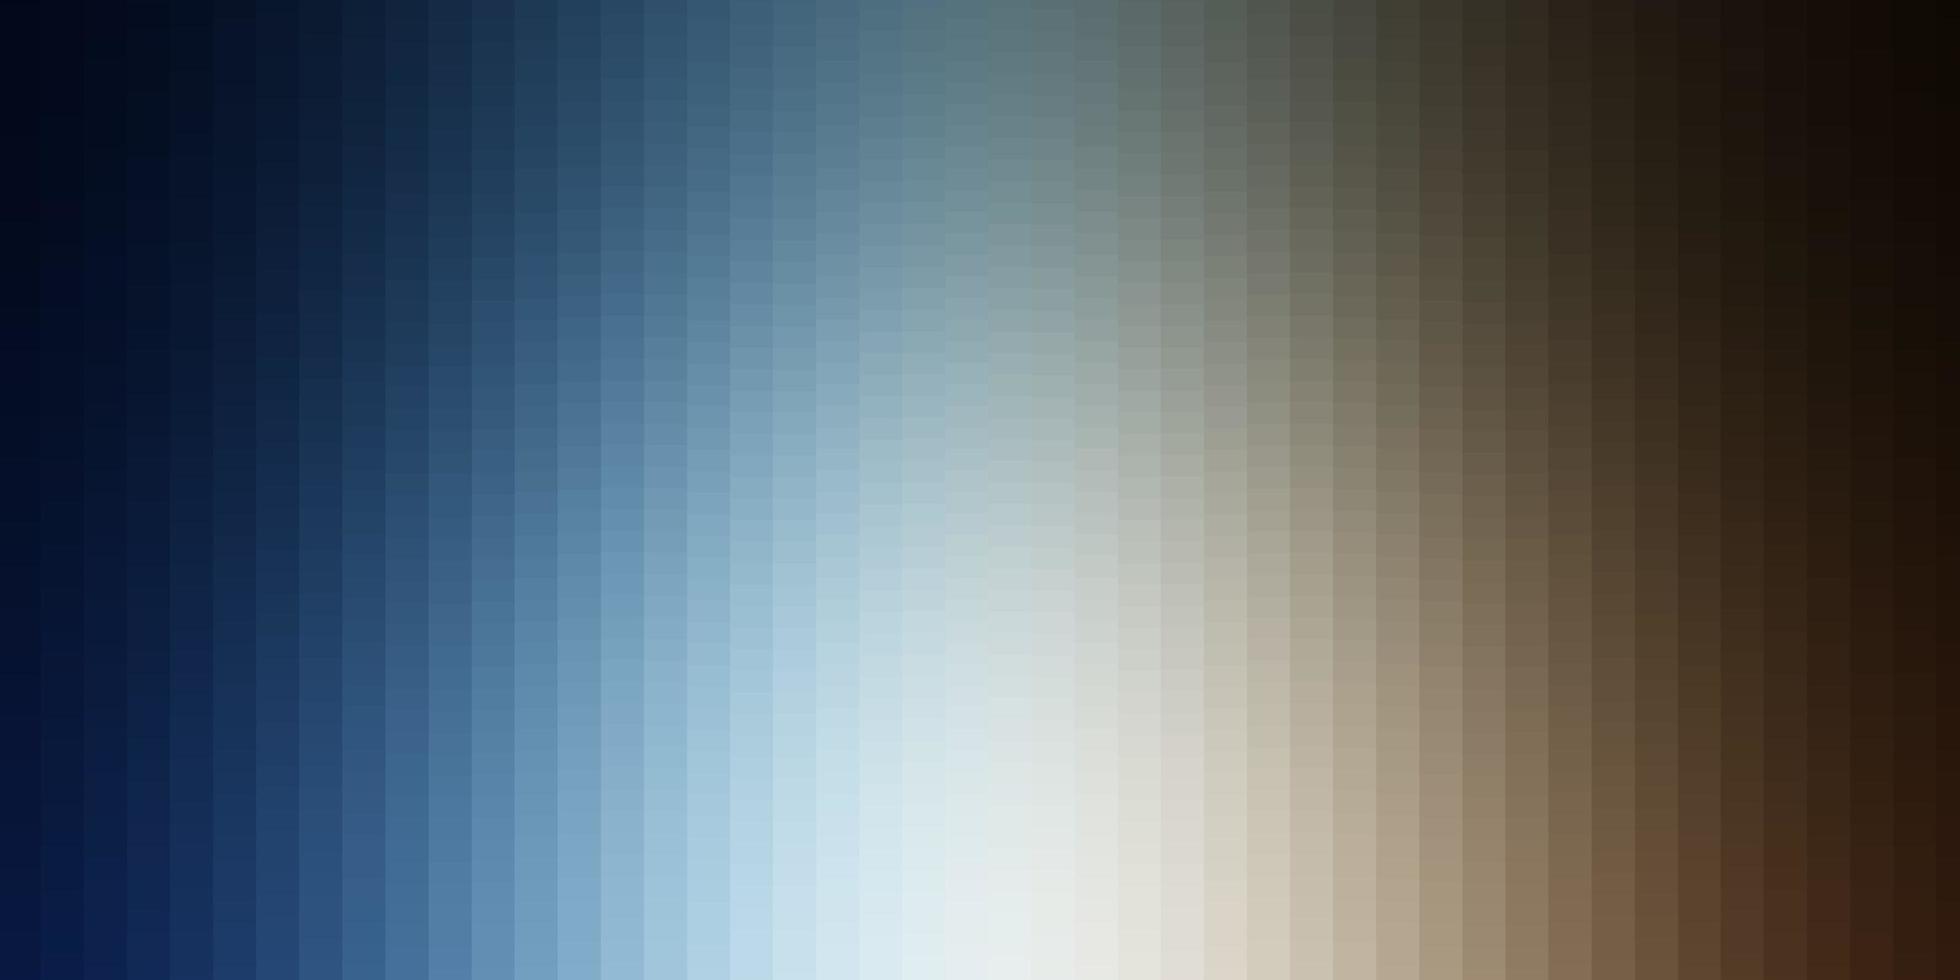 fond bleu clair, jaune avec des rectangles. vecteur